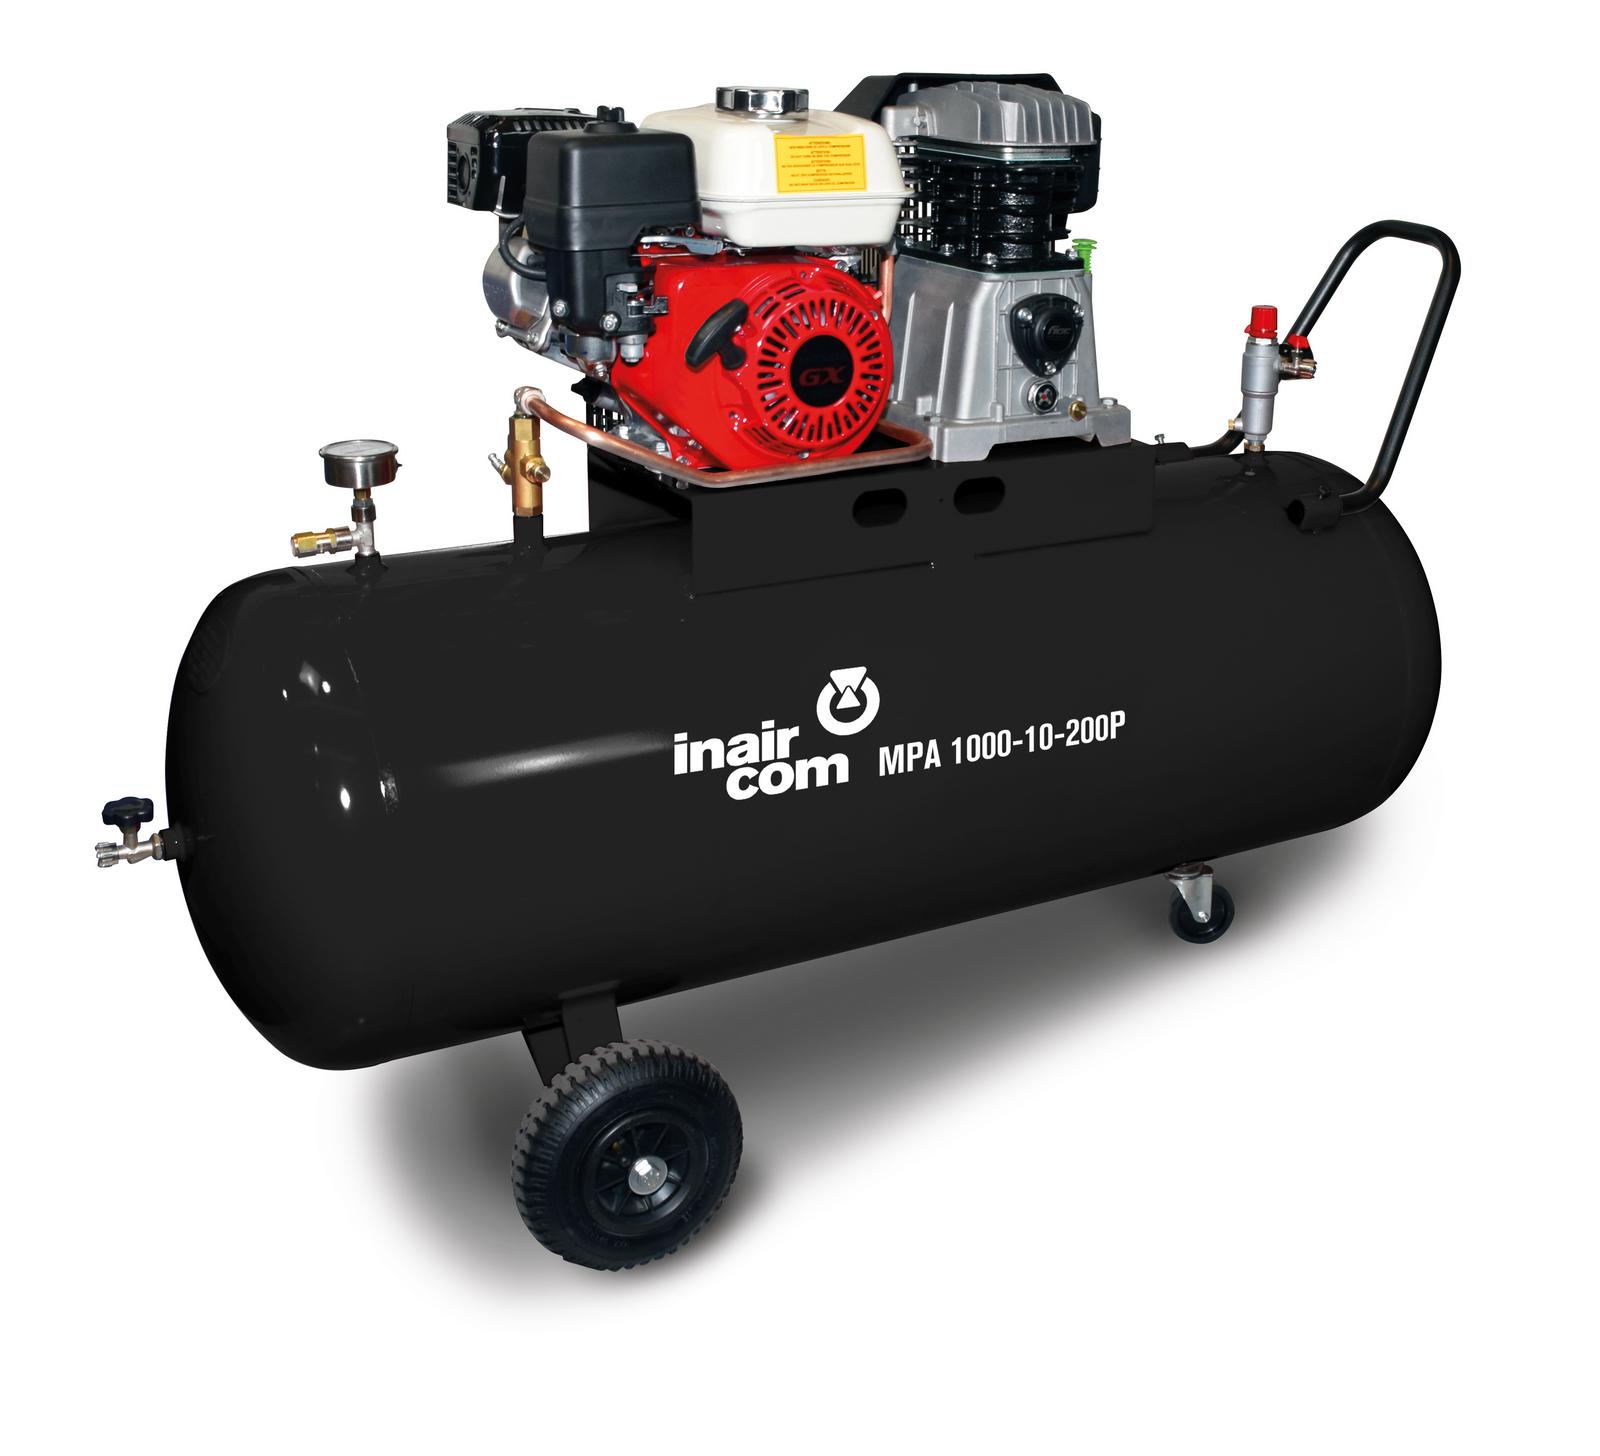 MPA 1000-10-200P - Pojízdný pístový benzinový kompresor Mobil Petrol Air